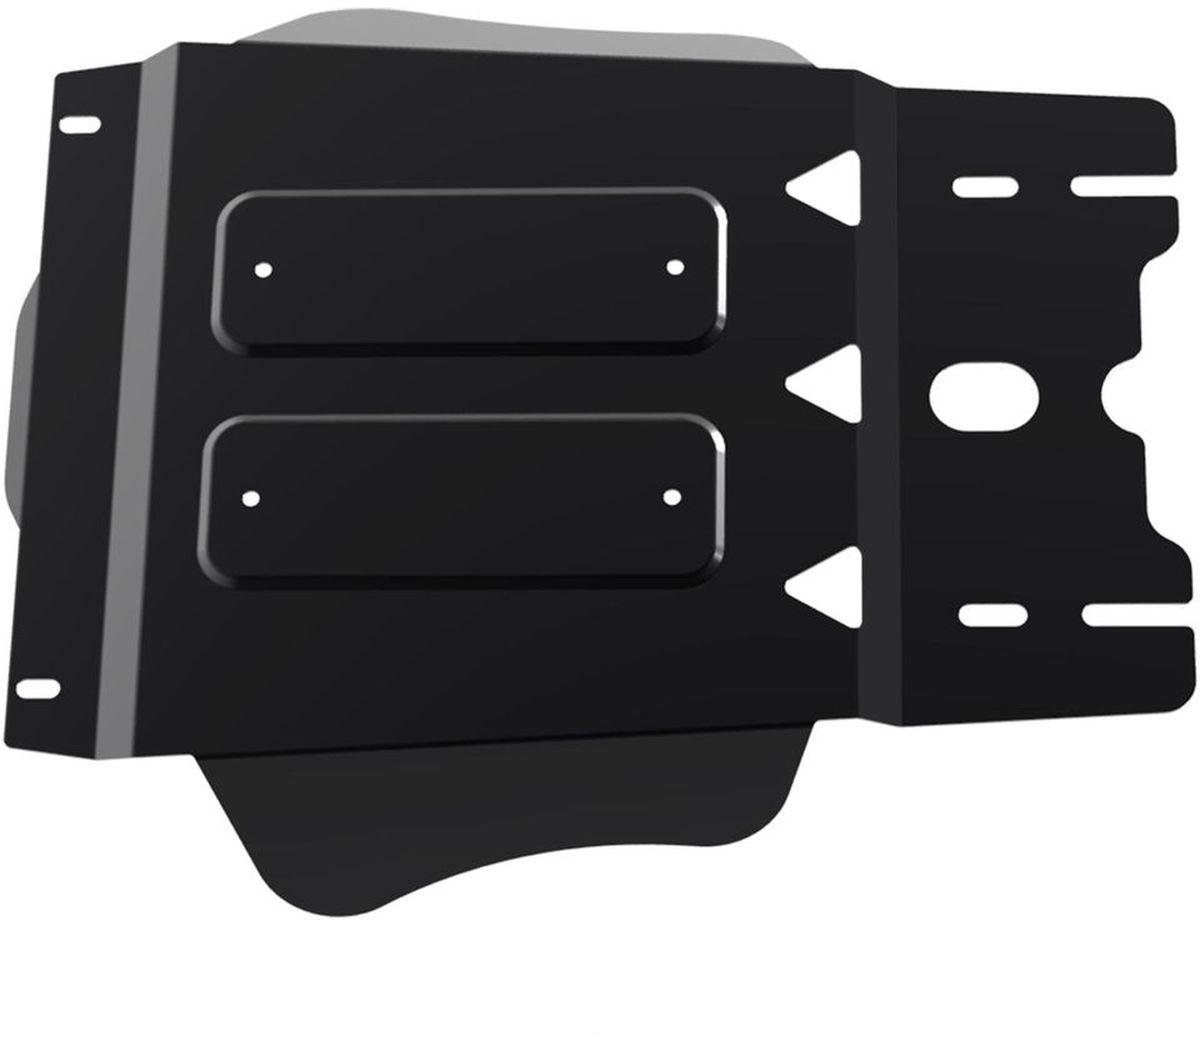 Защита КПП и РК Автоброня, для Volkswagen Touareg +, V-3,0TD; 4,8 (2010-2014)/Porsche Cayenne, V-3,0TD; 4,8 (2010-2014)111.04604.1Технологически совершенный продукт за невысокую стоимость. Защита разработана с учетом особенностей днища автомобиля, что позволяет сохранить дорожный просвет с минимальным изменением. Защита устанавливается в штатные места кузова автомобиля. Глубокий штамп обеспечивает до двух раз больше жесткости в сравнении с обычной защитой той же толщины. Проштампованные ребра жесткости препятствуют деформации защиты при ударах. Тепловой зазор и вентиляционные отверстия обеспечивают сохранение температурного режима двигателя в норме. Скрытый крепеж предотвращает срыв крепежных элементов при наезде на препятствие. Шумопоглощающие резиновые элементы обеспечивают комфортную езду без вибраций и скрежета металла, а съемные лючки для слива масла и замены фильтра - экономию средств и время. Конструкция изделия не влияет на пассивную безопасность автомобиля (при ударе защита не воздействует на деформационные зоны кузова). Со штатным крепежом. В комплекте инструкция по установке....